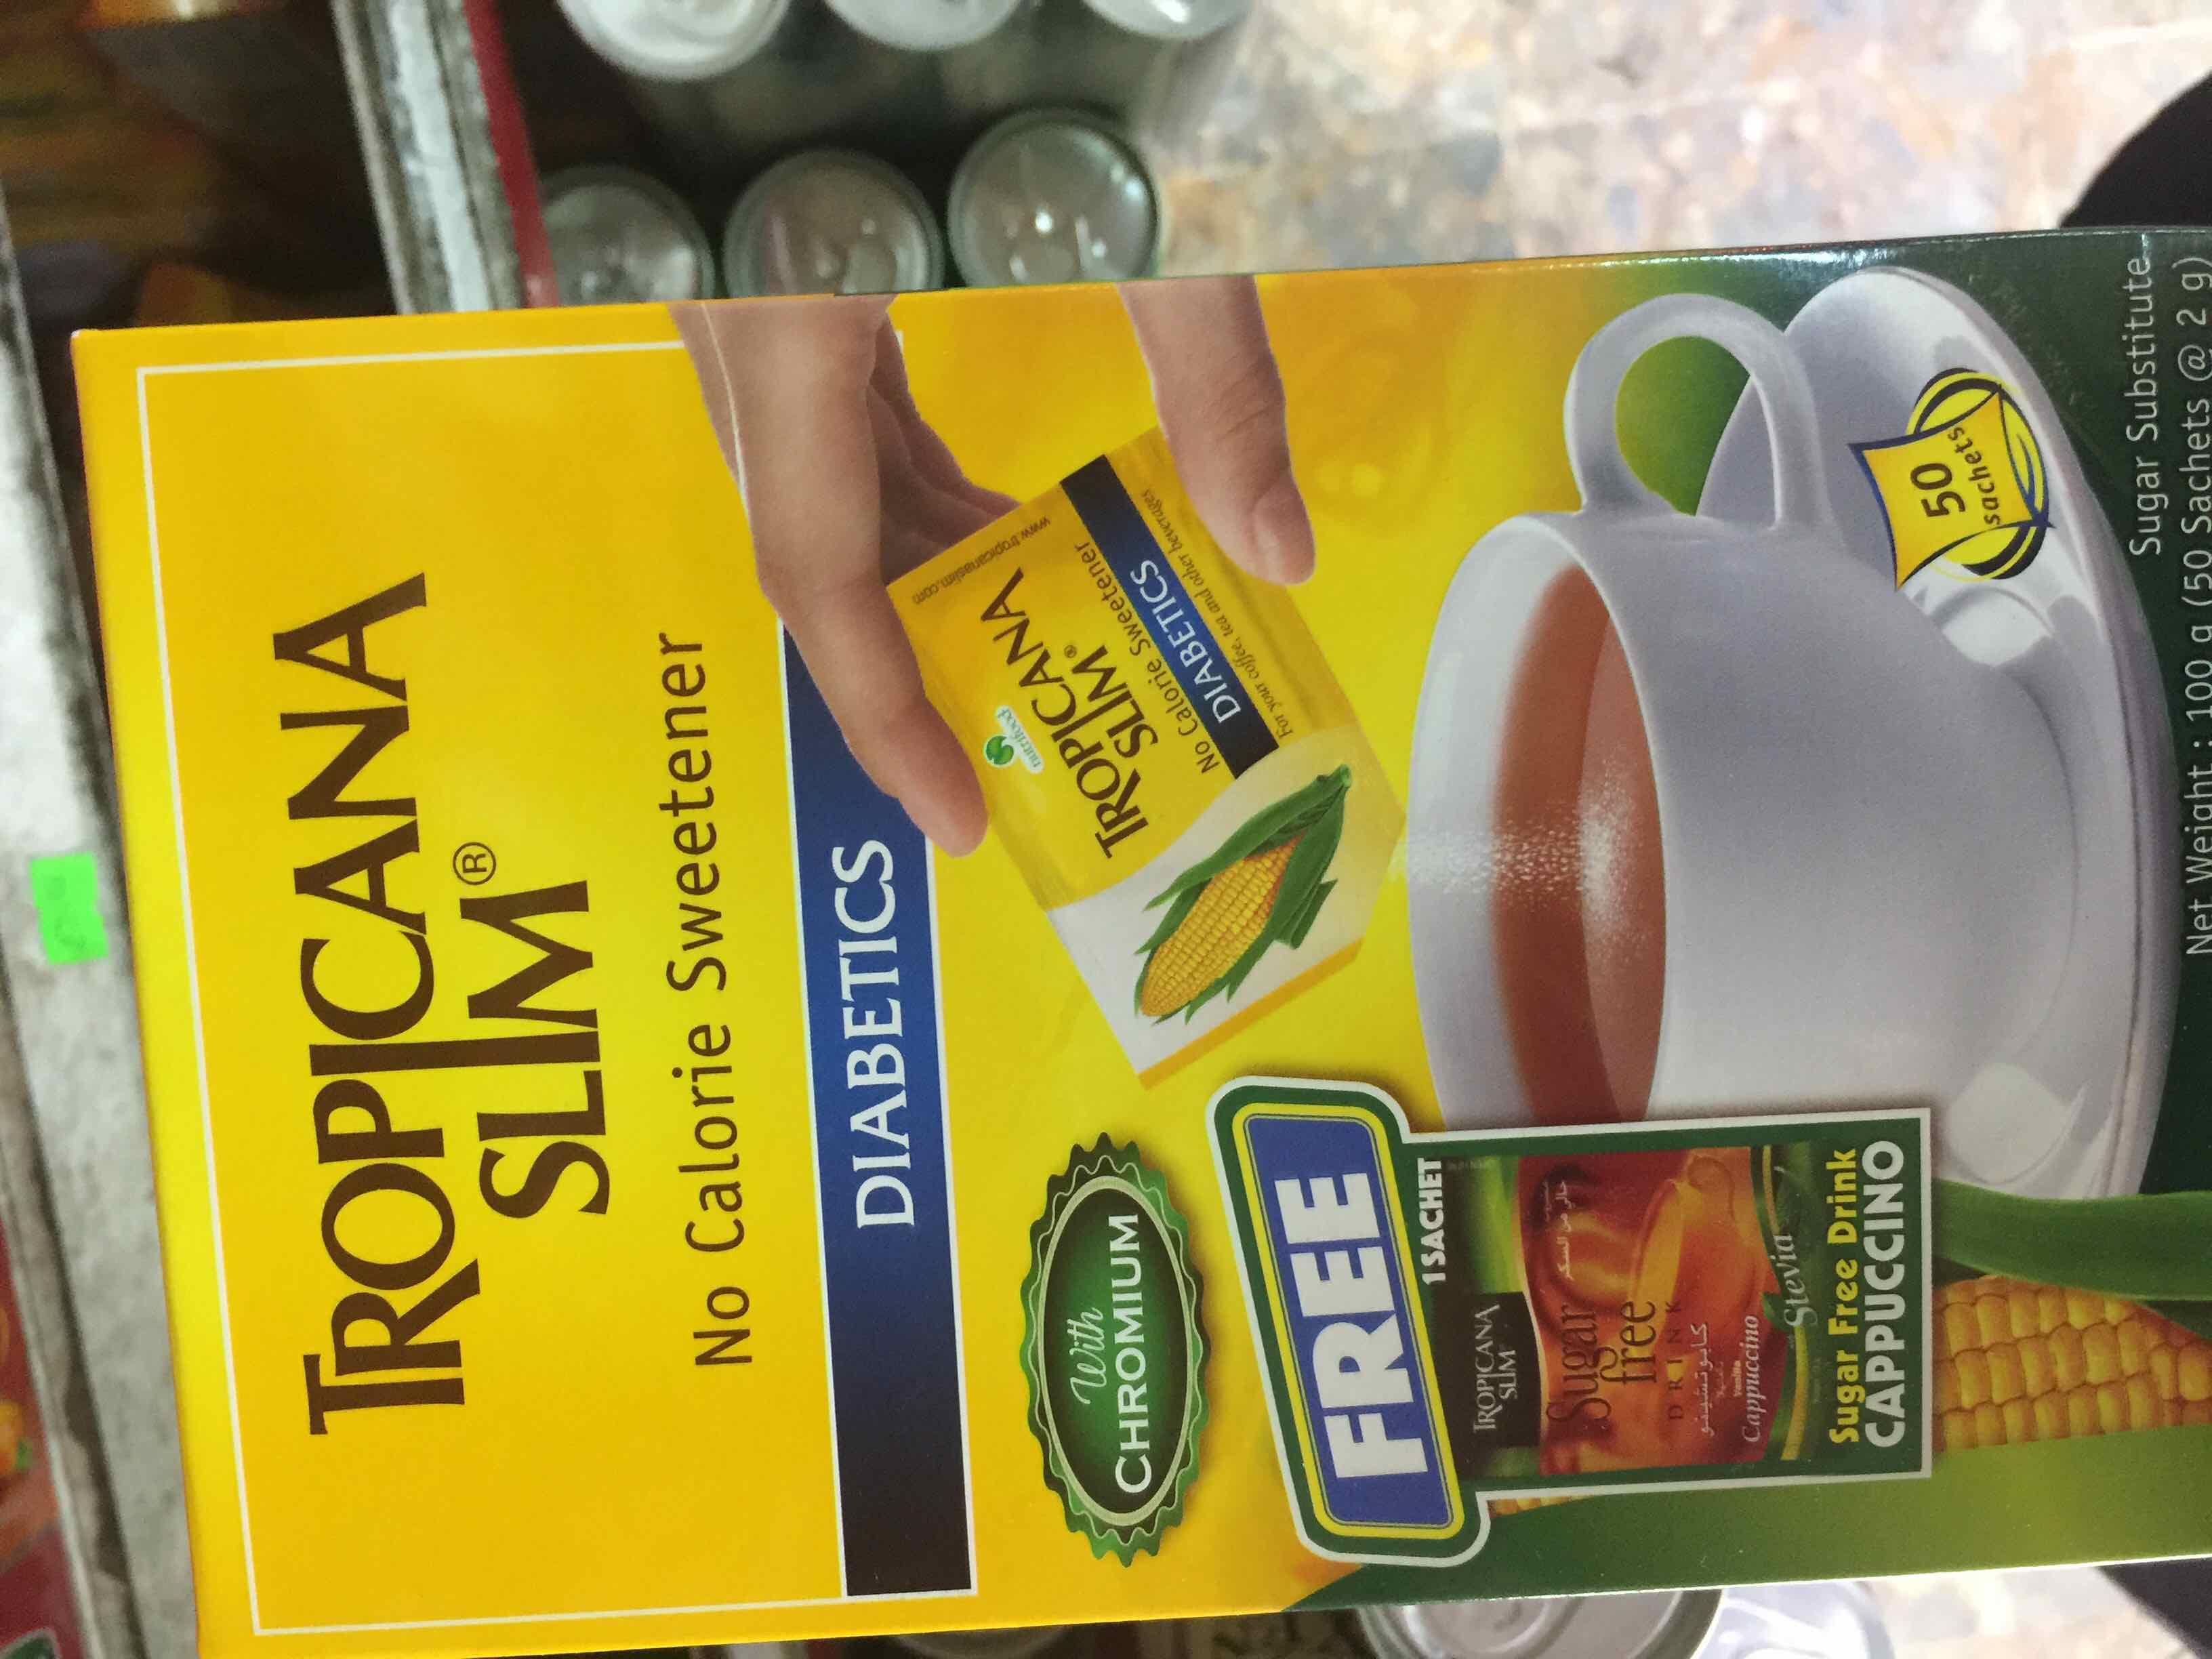 đường ăn kiêng tropicana slim sucralose hộp 100g - 749921202055